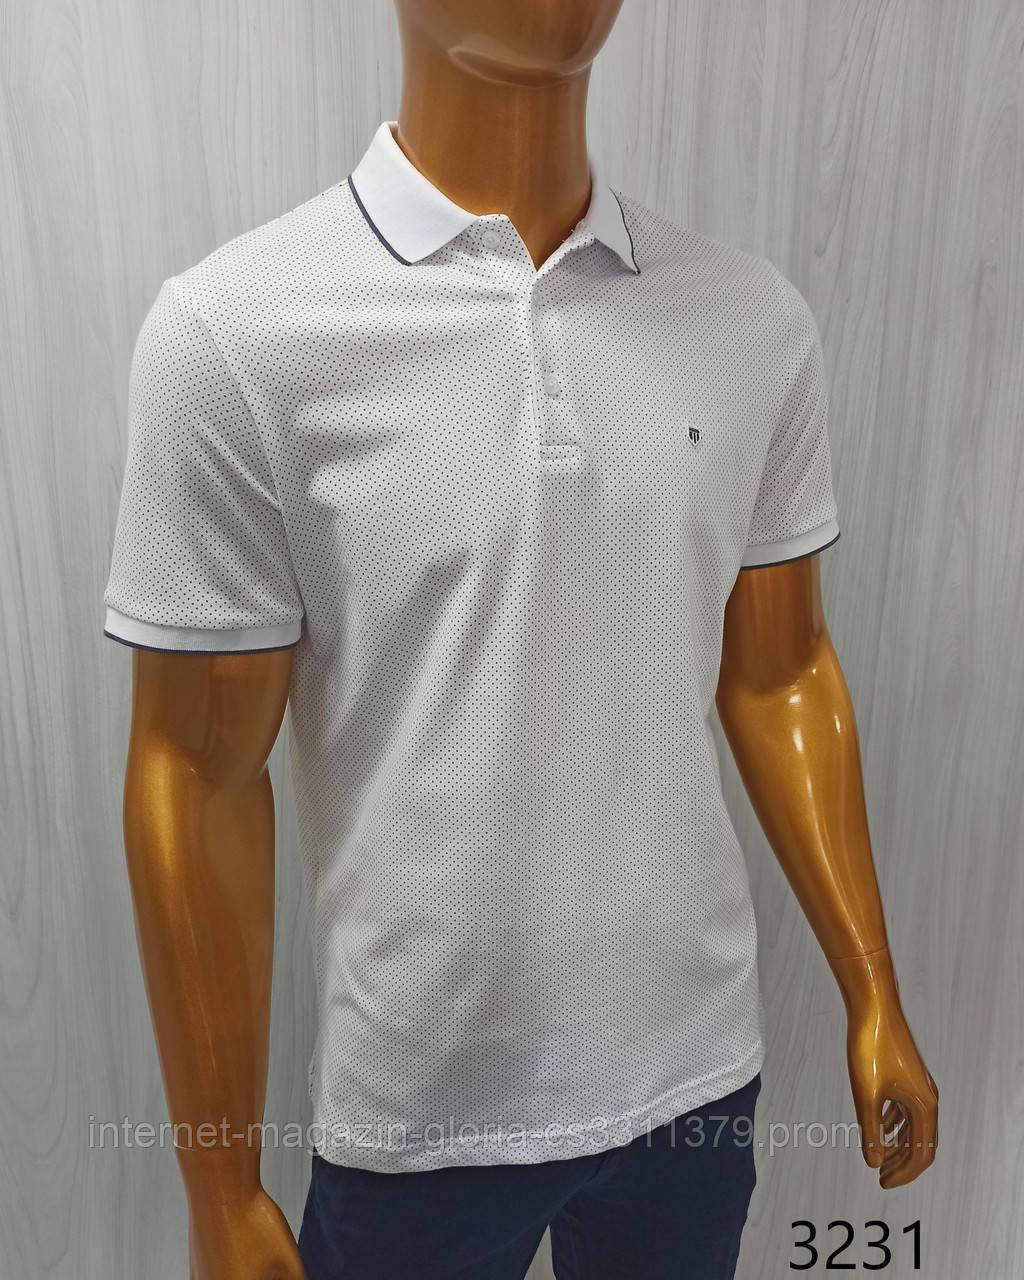 Мужская футболка Поло, Tony Montana. PL-3231. Размеры: M,L,XL,XXL.